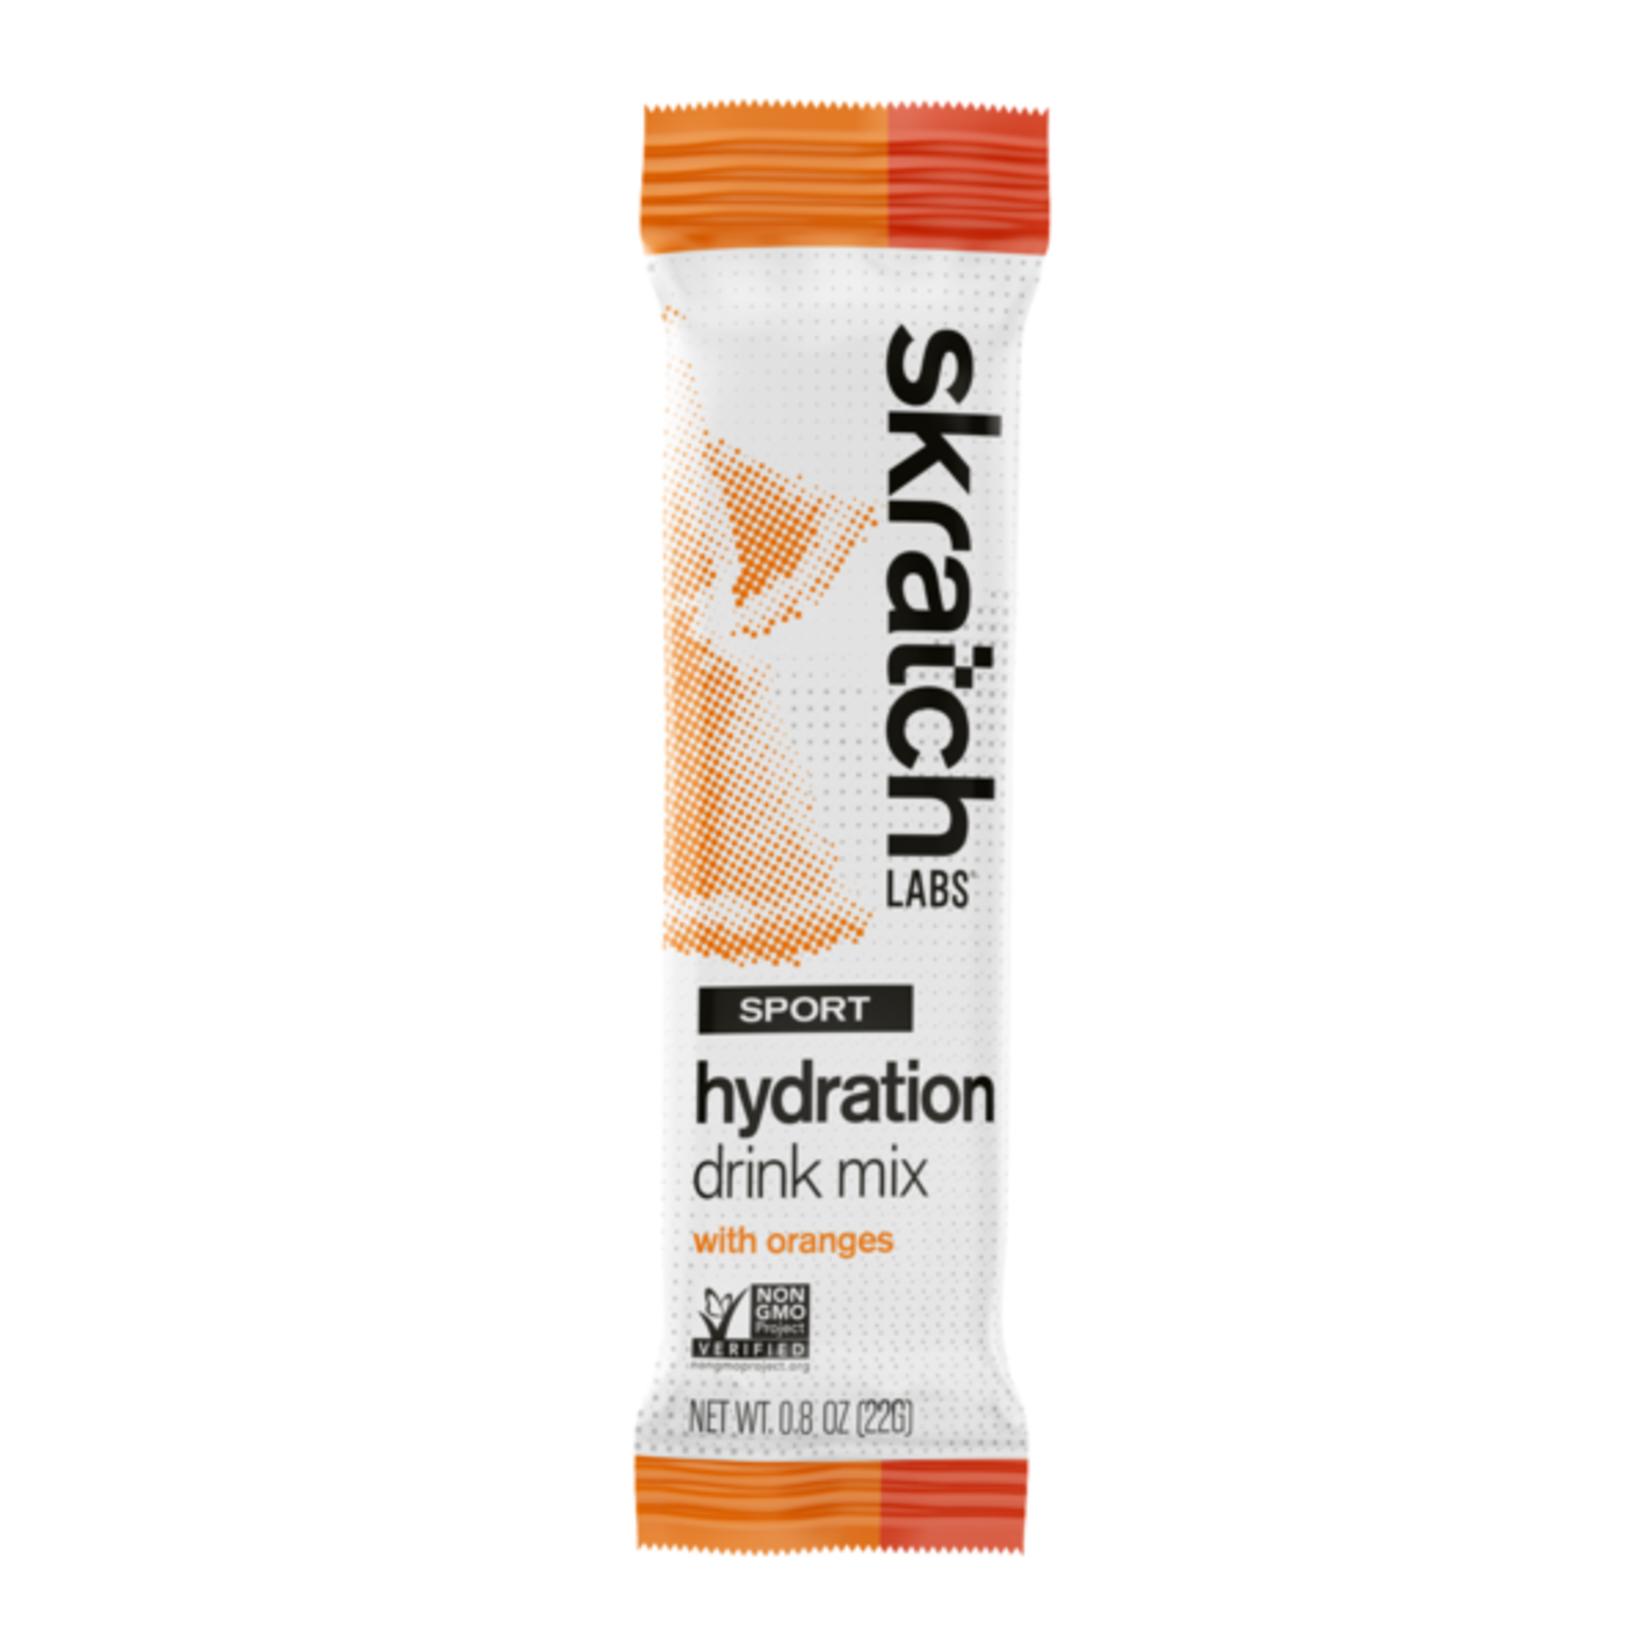 Skratch Labs Skratch Labs - Mélange de boisson d'hydratation pour sports: Oranges